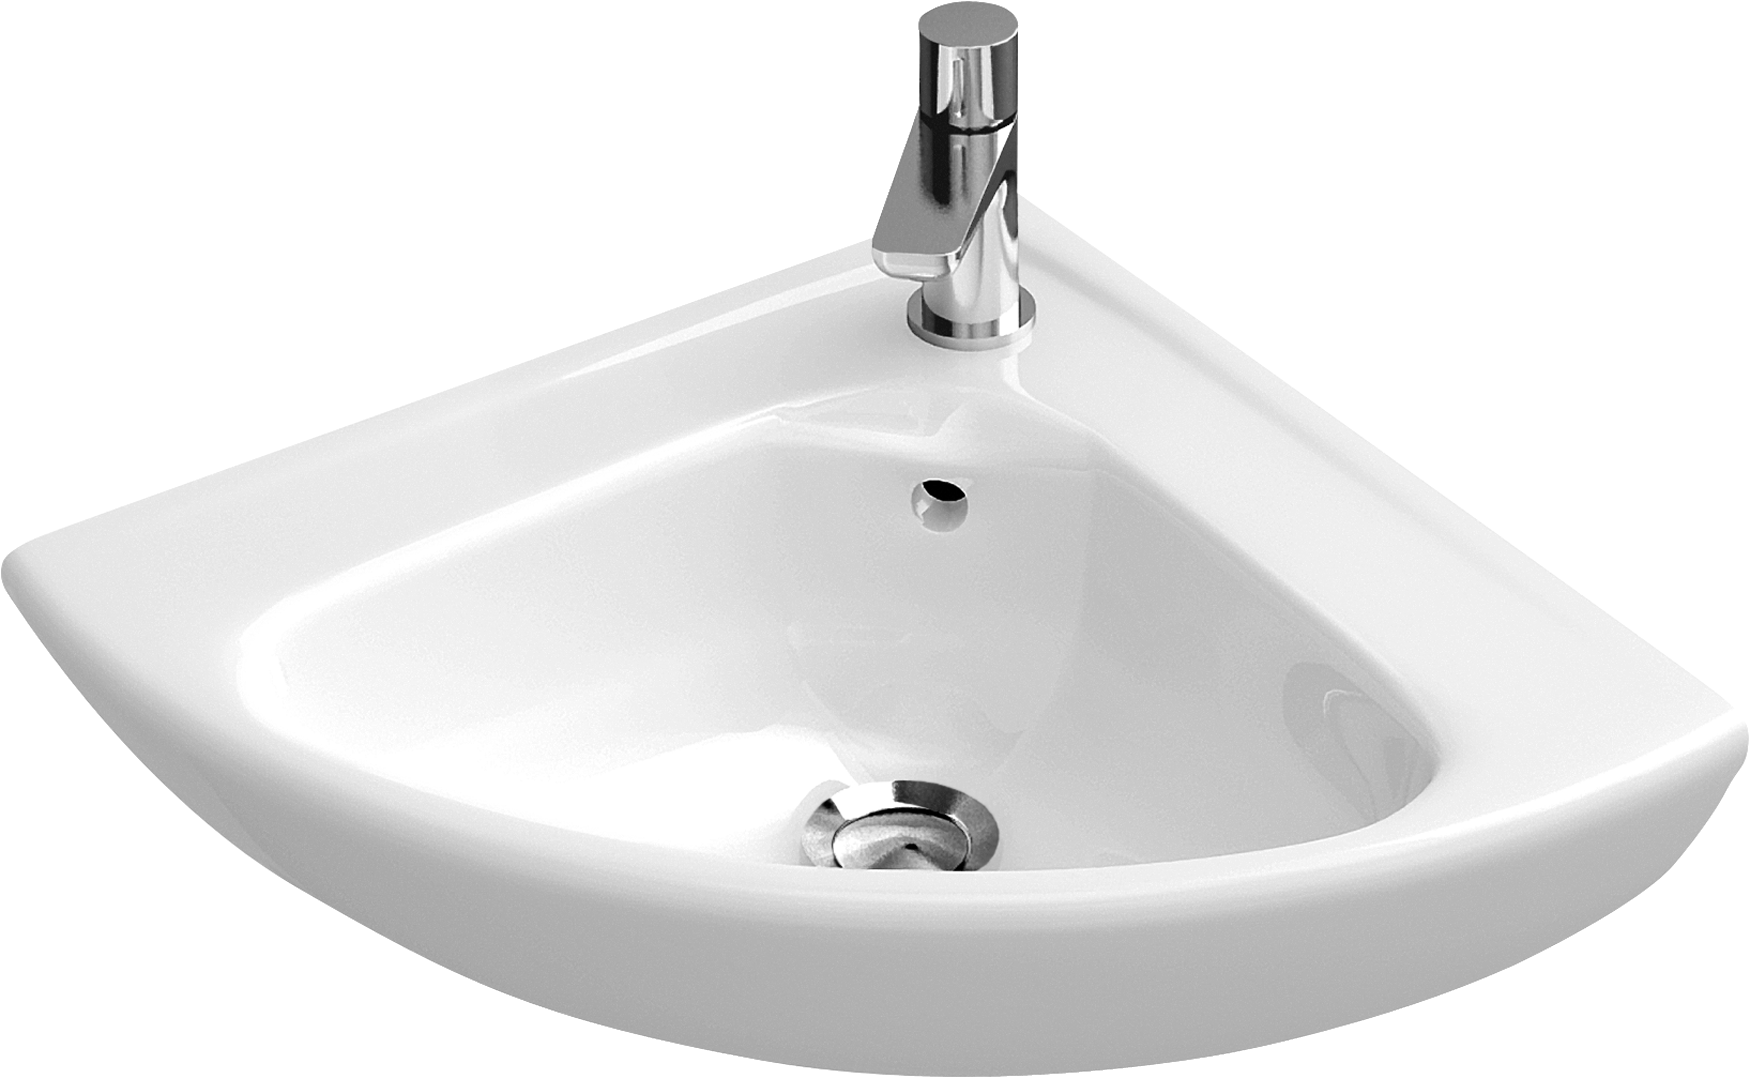 Sink Png Image Sink Villeroy Boch Wash Basin